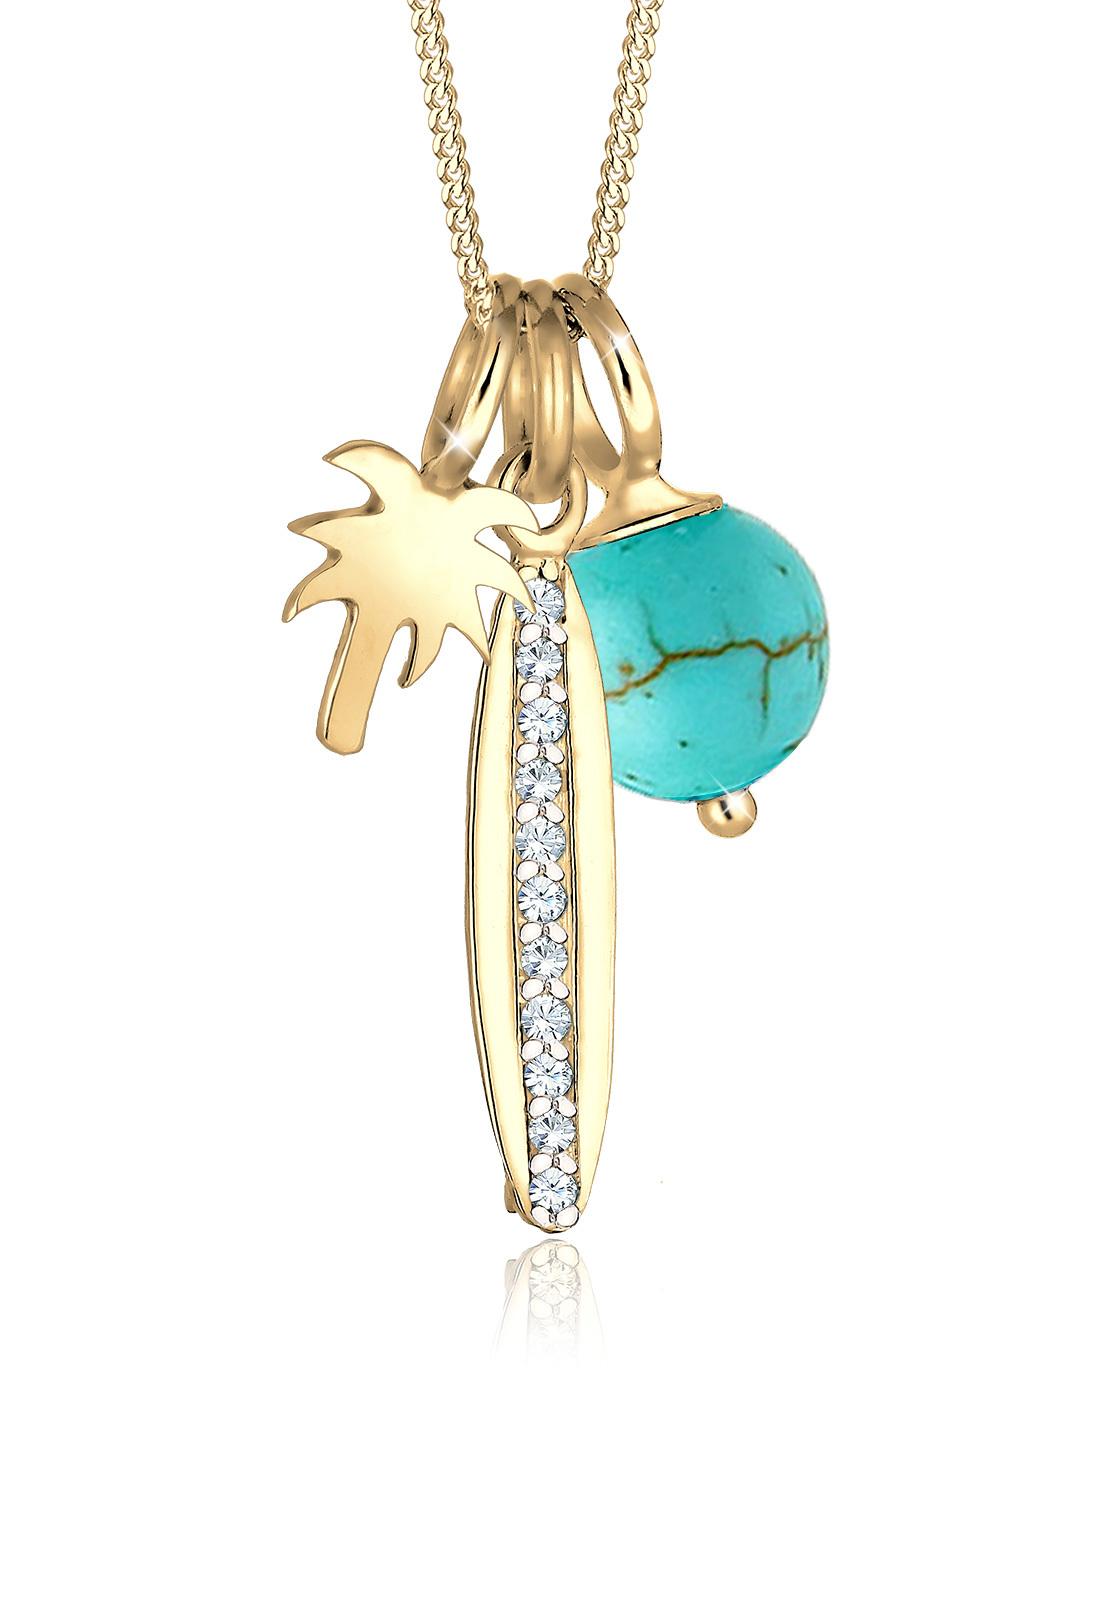 Halskette   Howlith ( Türkis )   925 Sterling Silber vergoldet